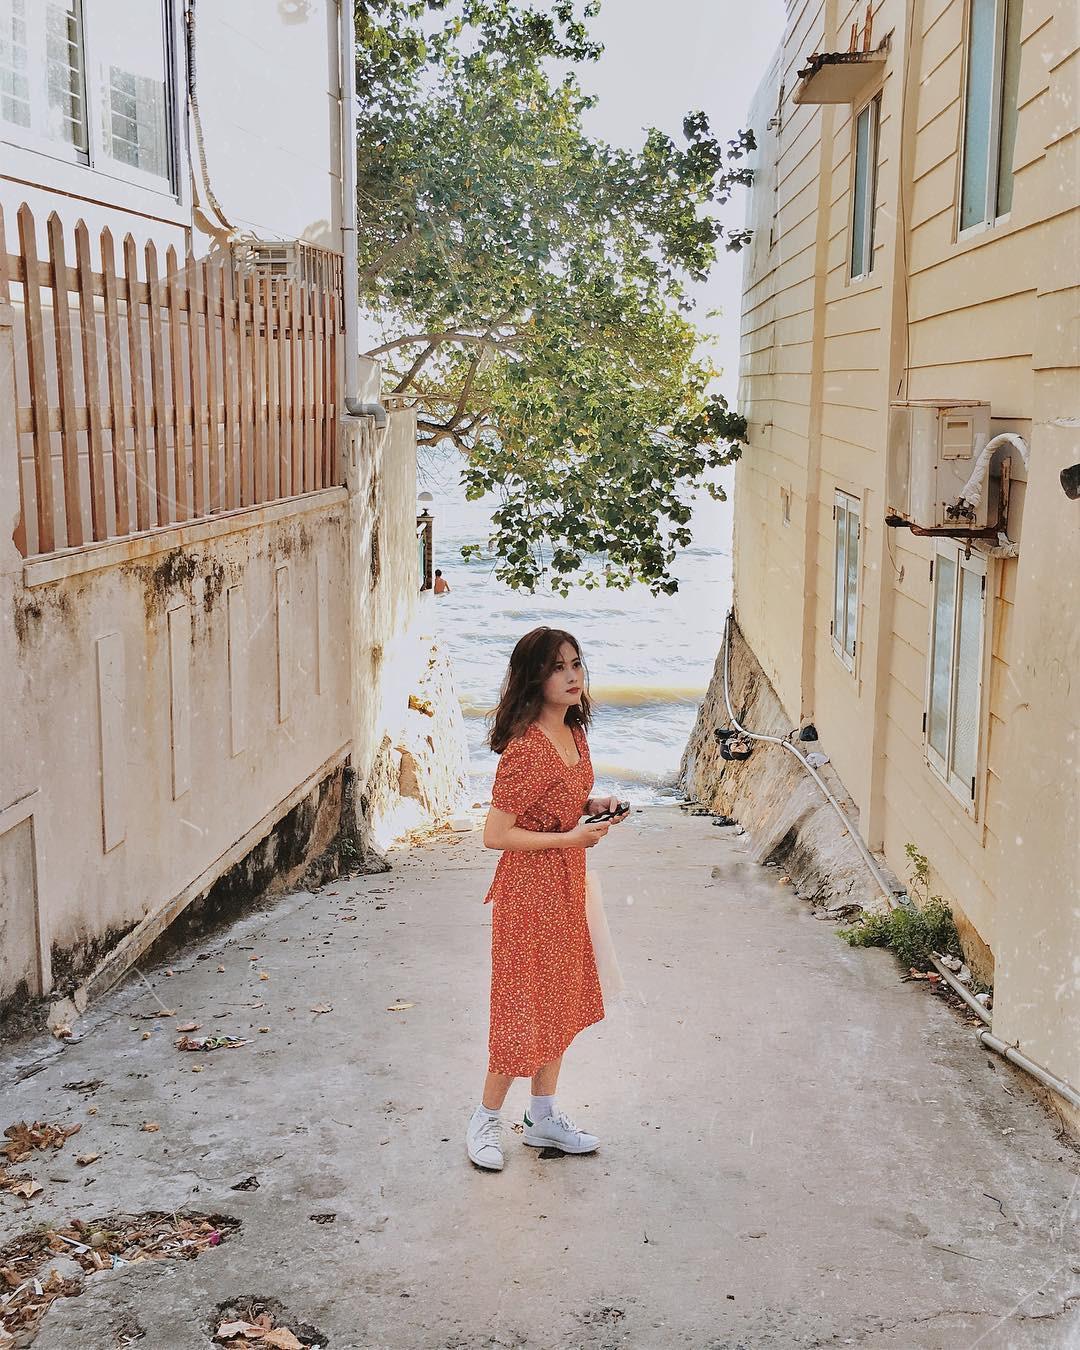 Con hẻm sống ảo tại Vũng Tàu đang là địa điểm được giới trẻ check-in rần rần trên Instagram - Ảnh 7.